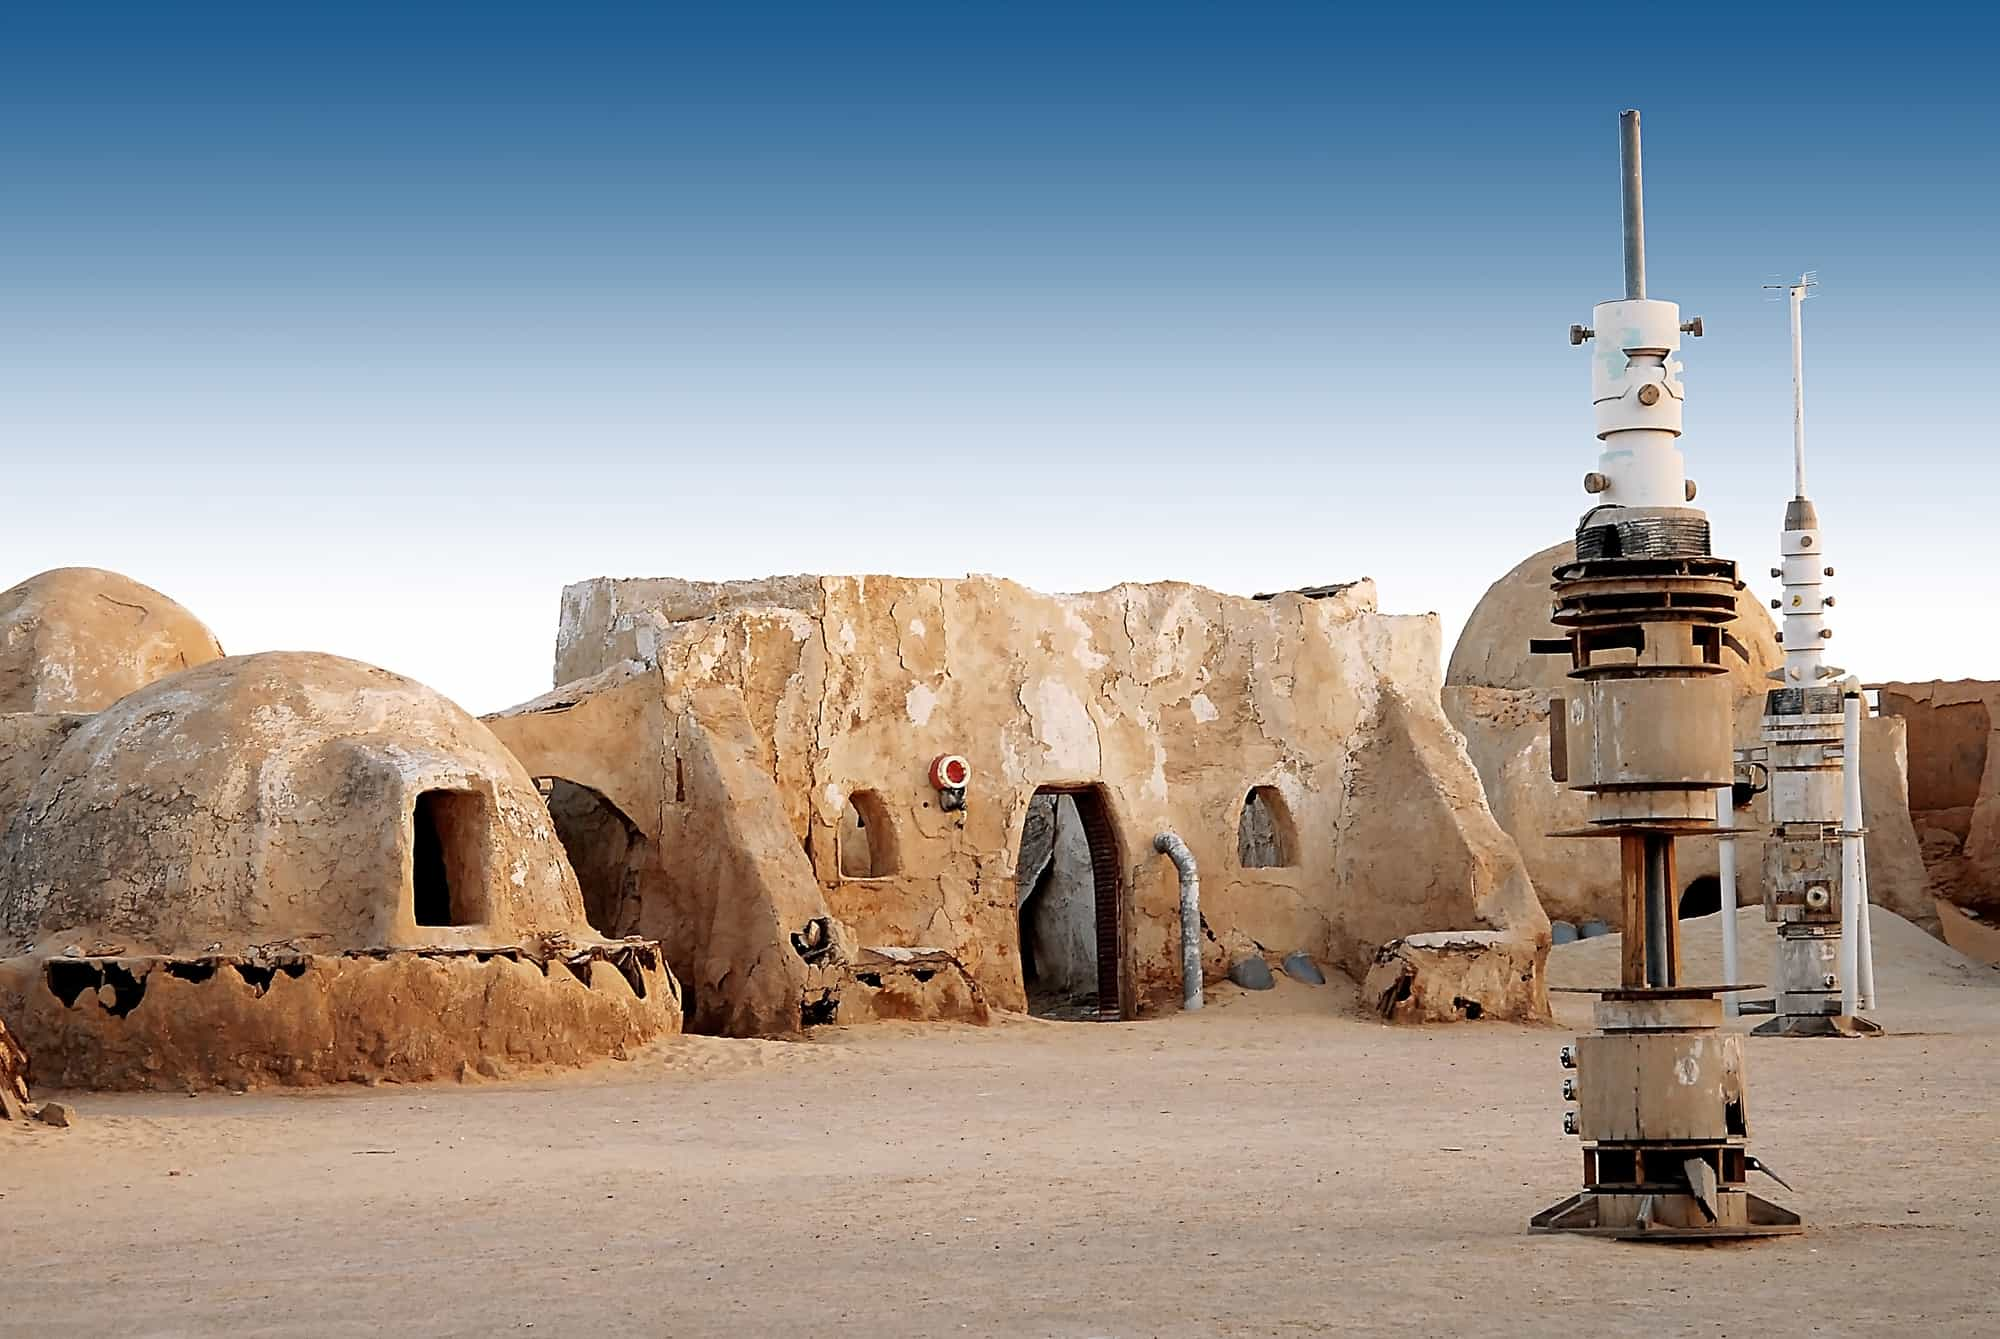 star wars set in tatooine